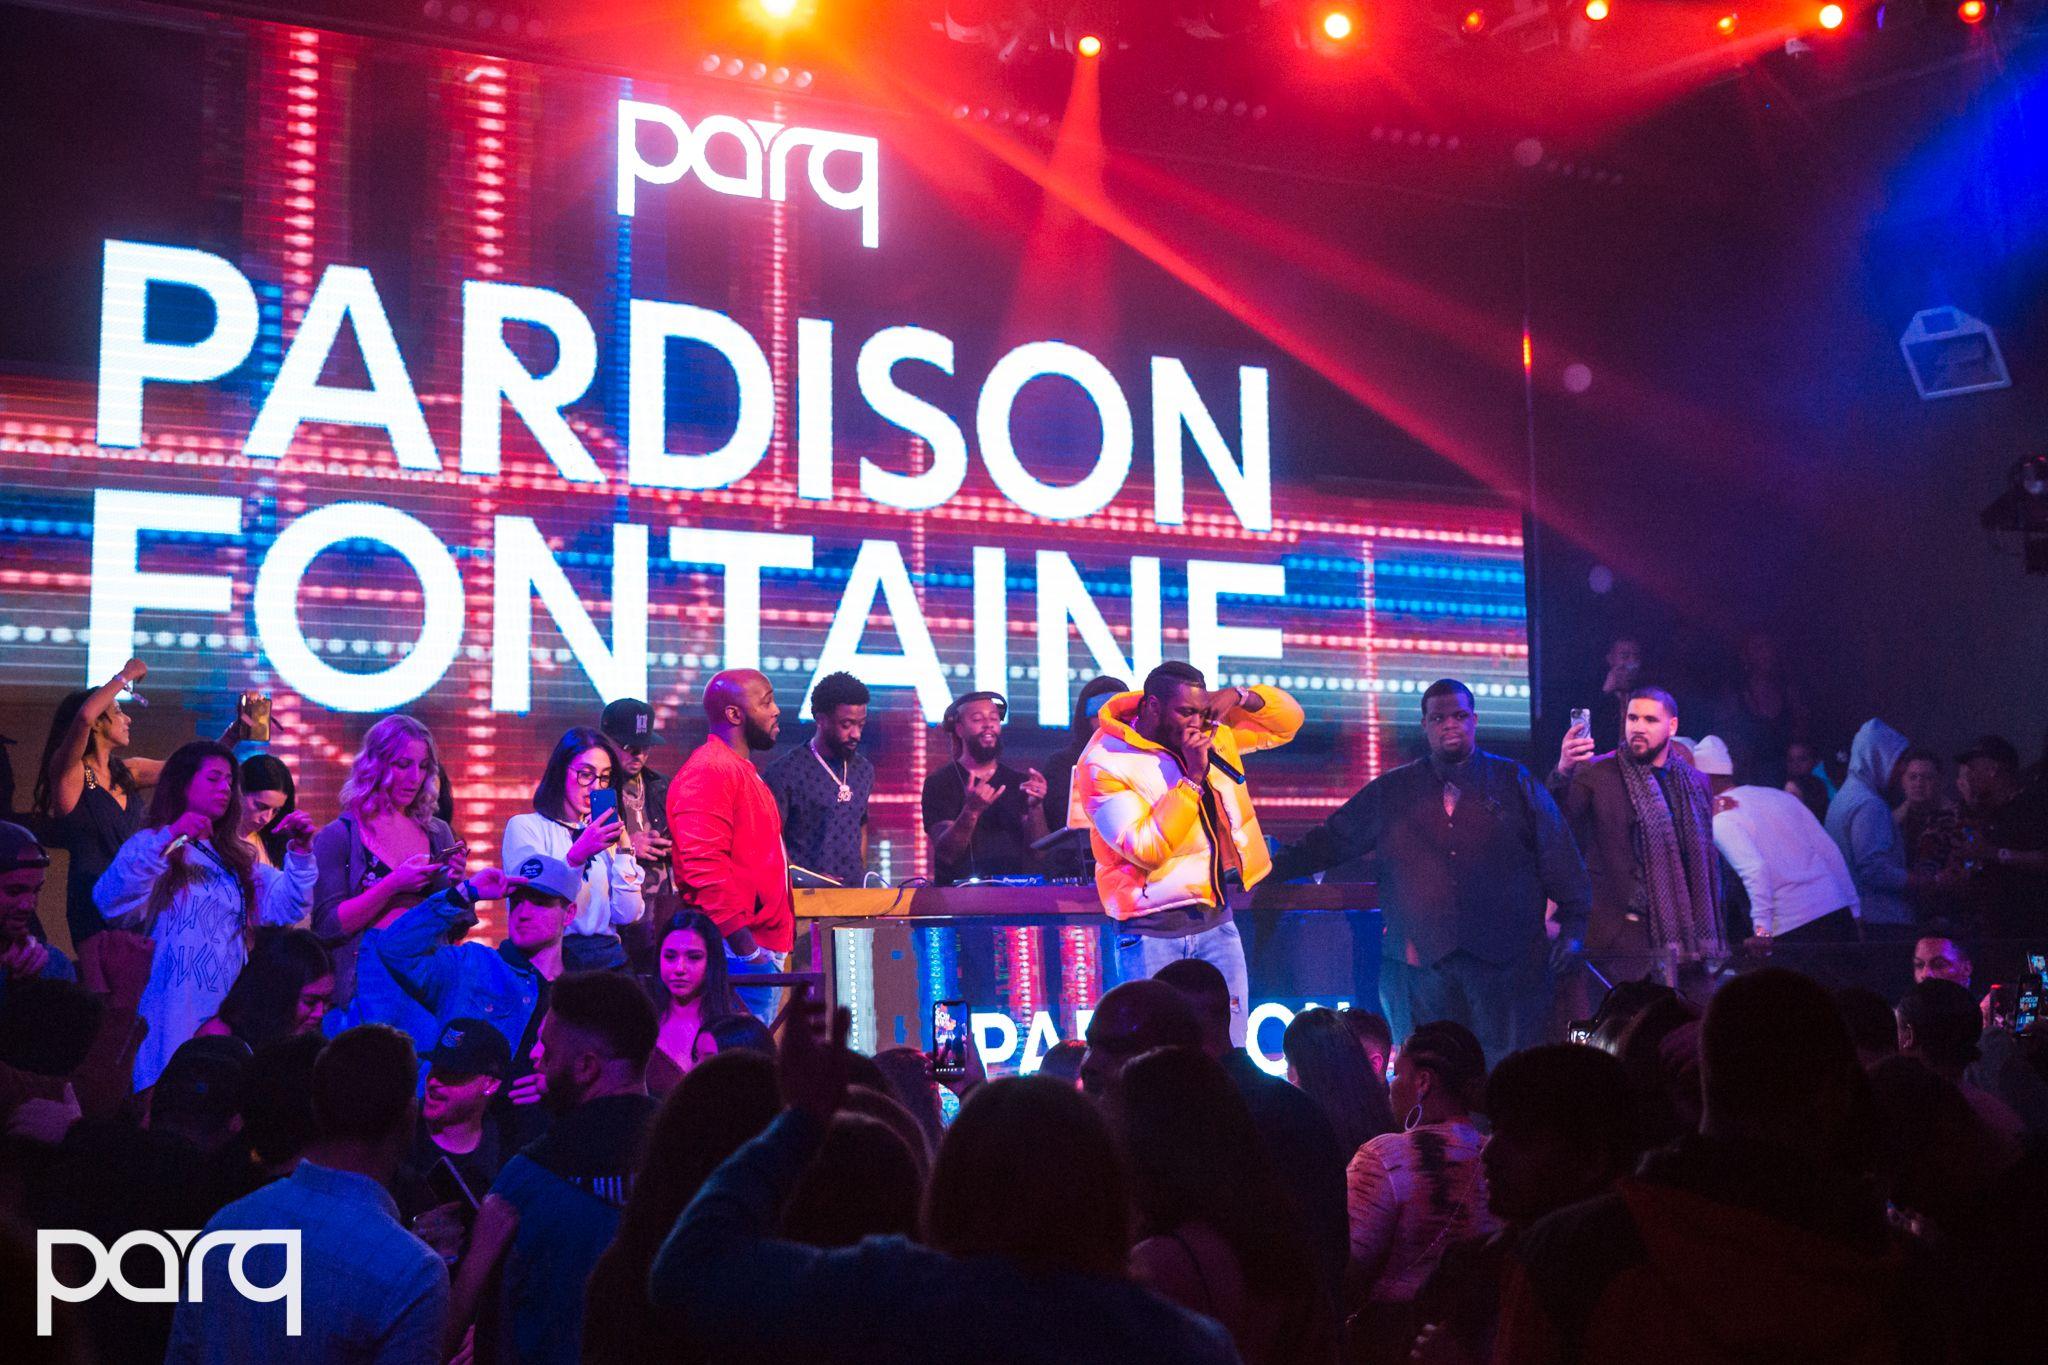 01.24.20 Parq - Pardison Fontaine-10.jpg